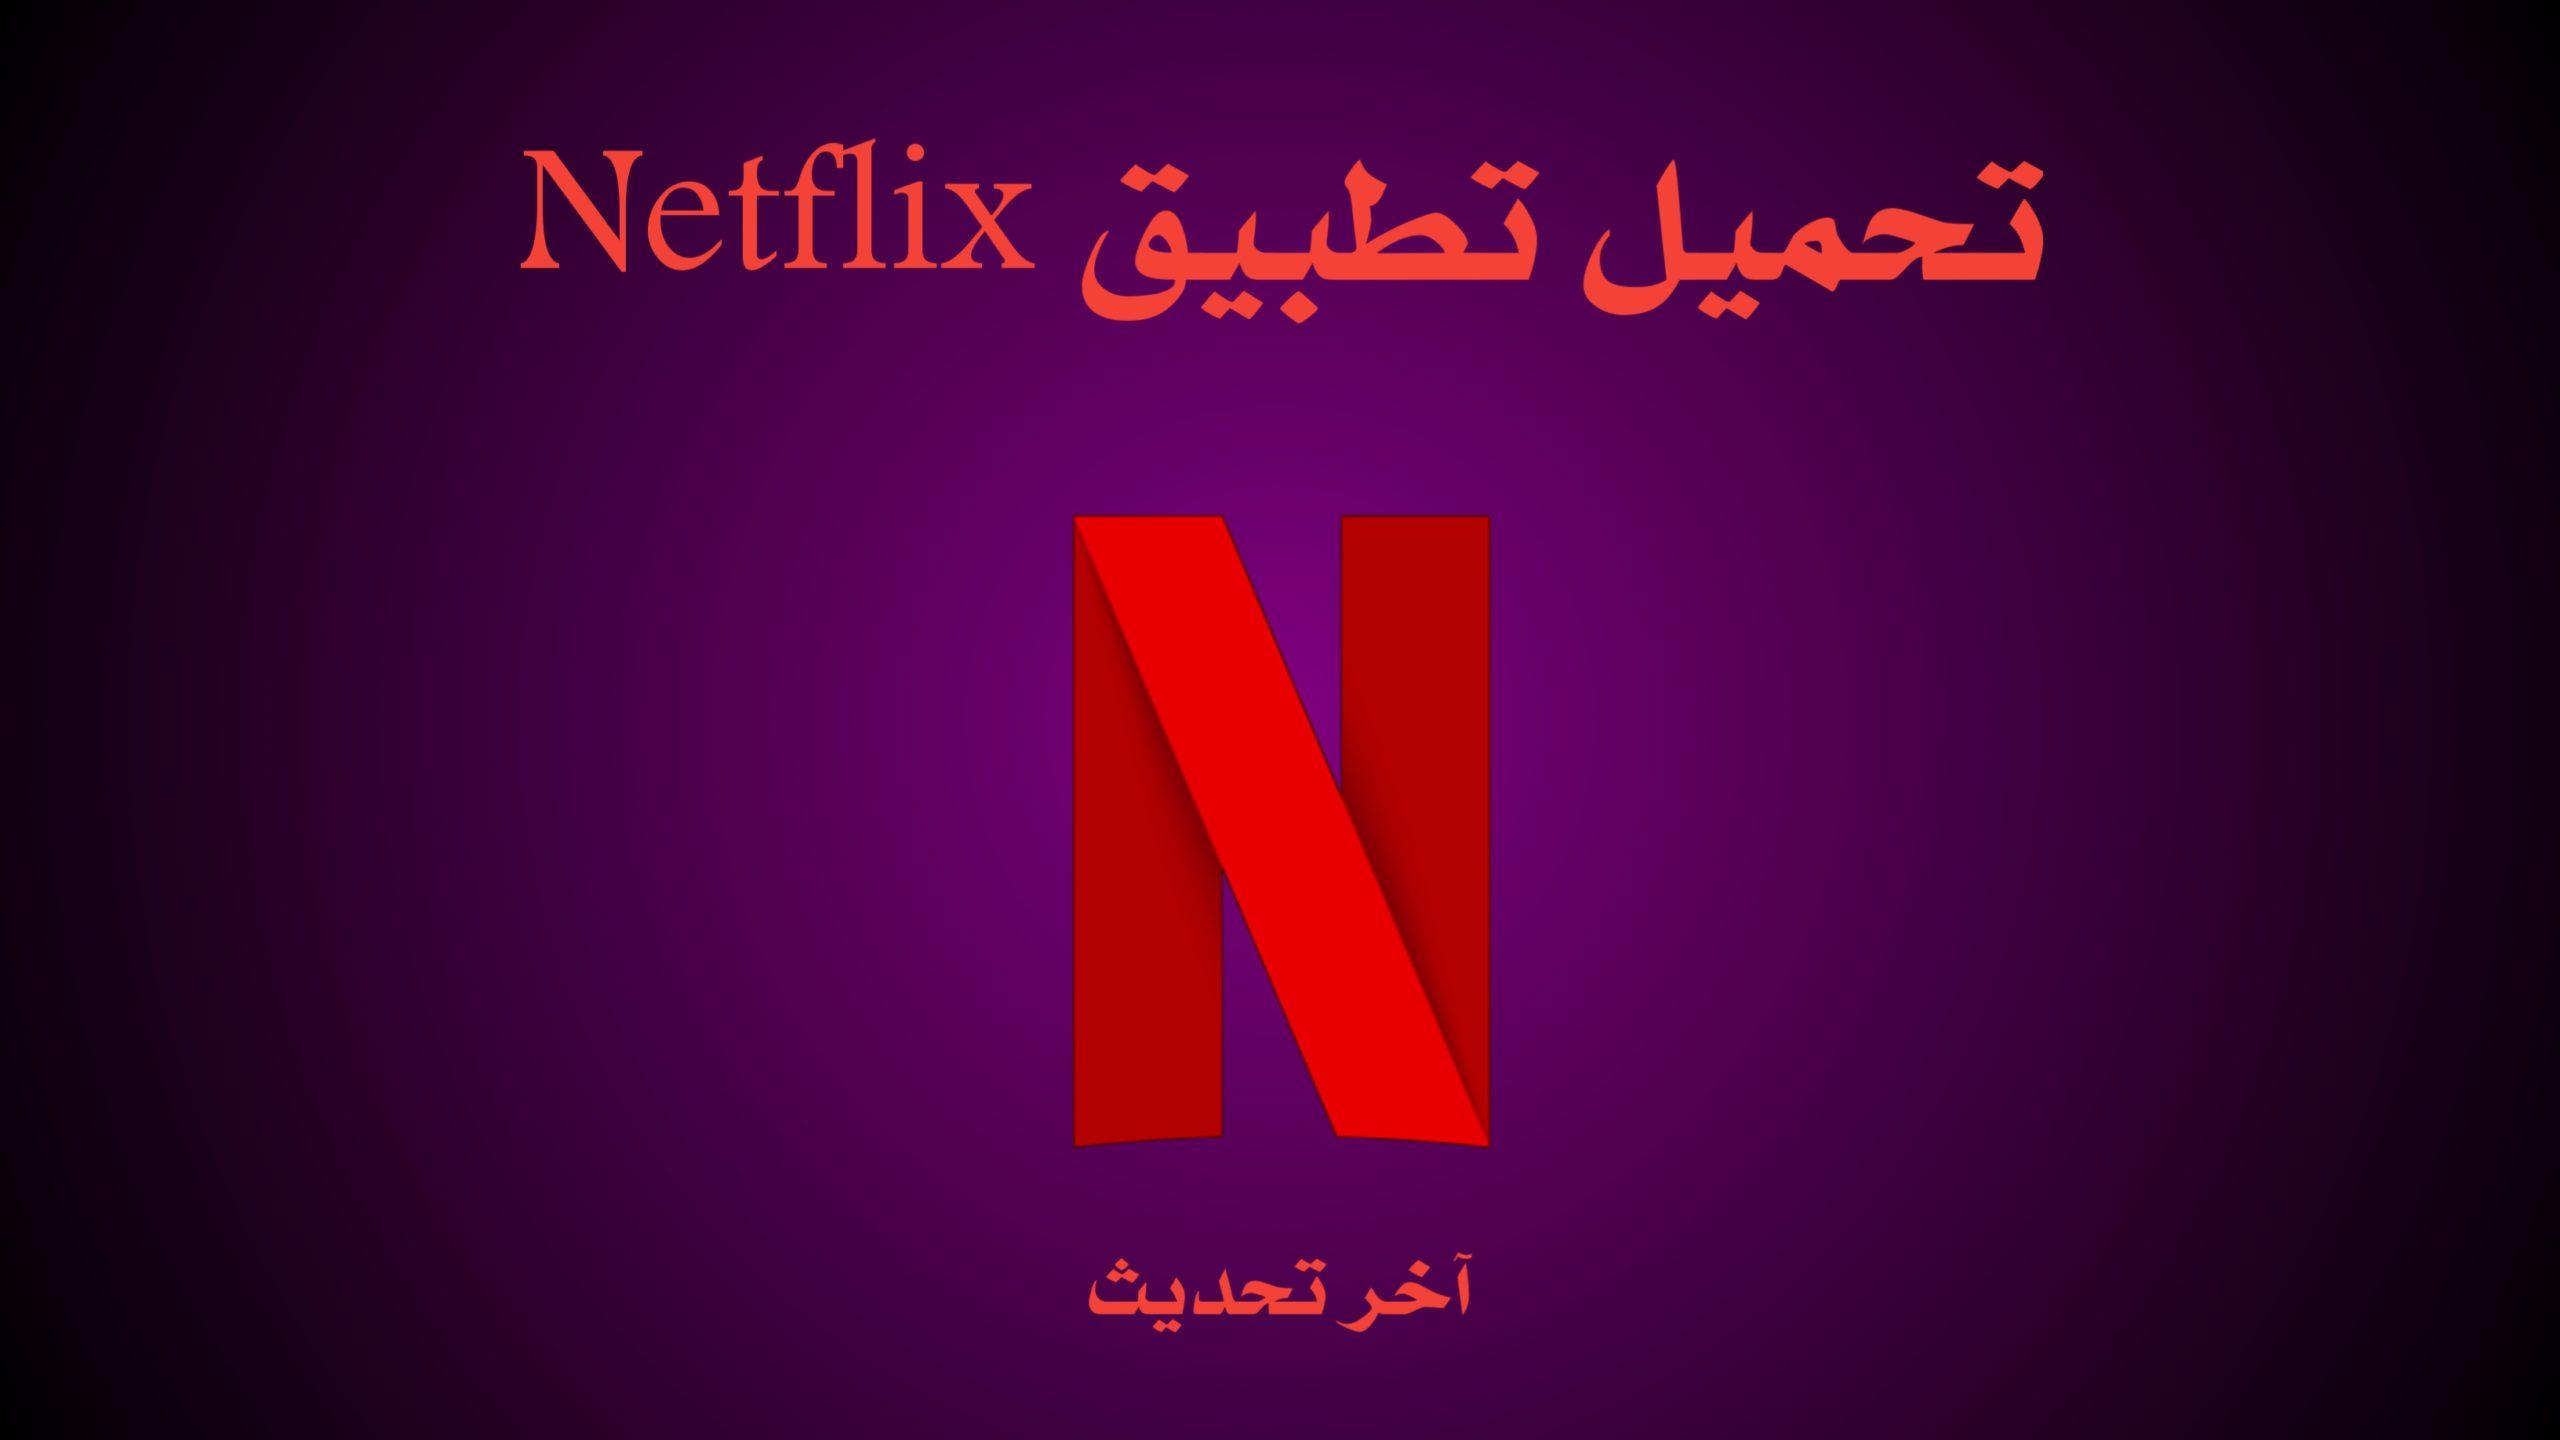 تحميل تطبيق Netflix آخر تحديث 2021